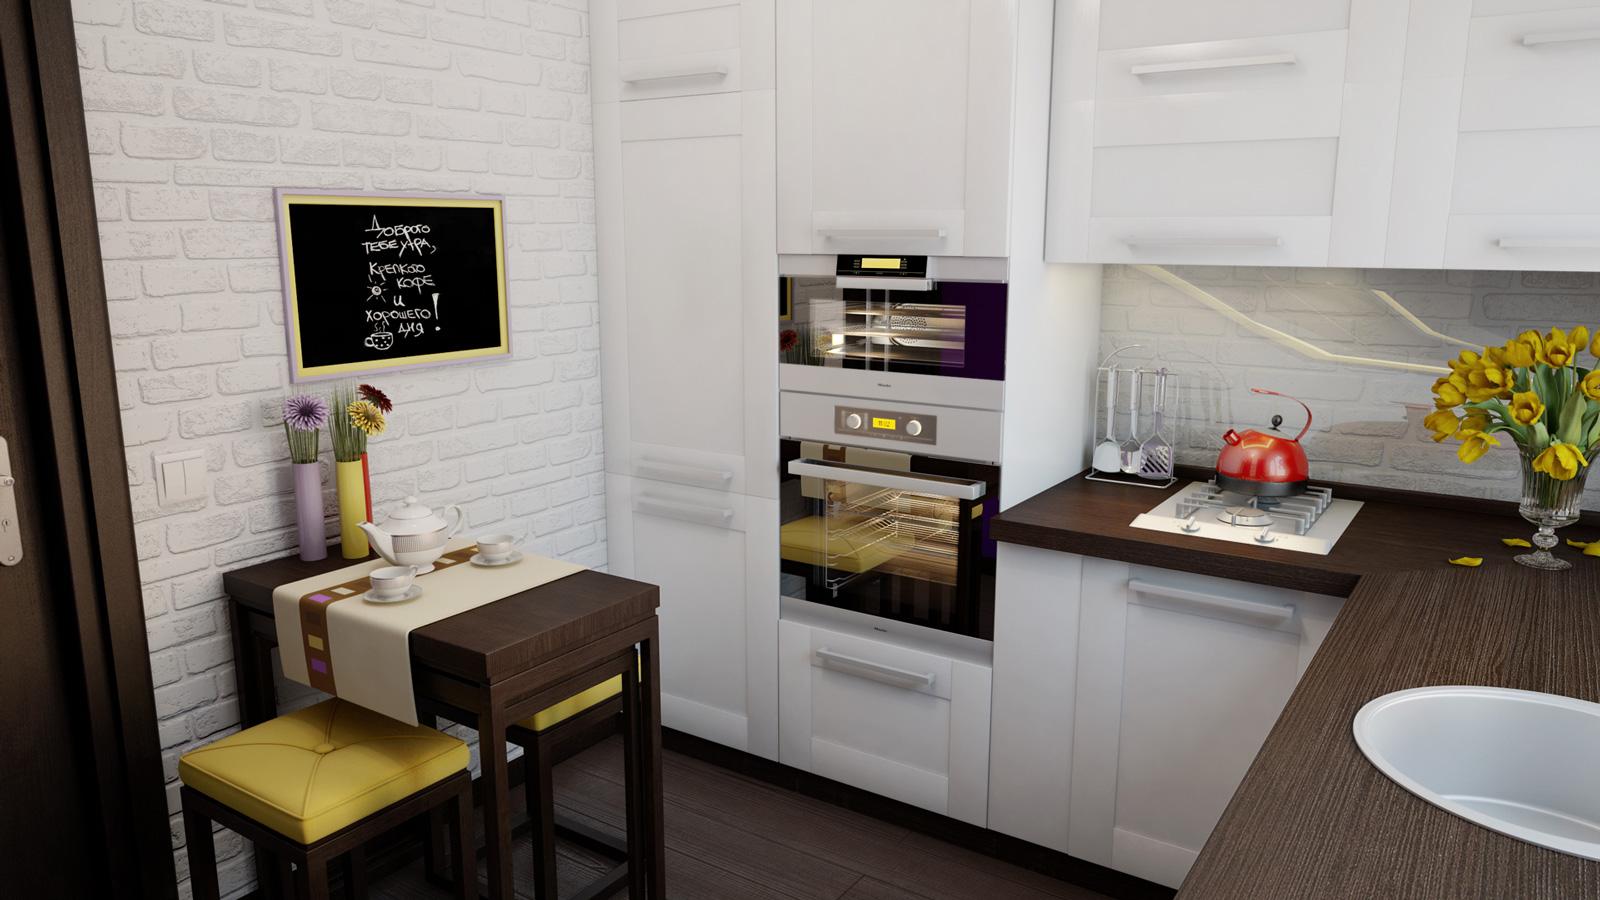 Ремонт кухни своими руками — реальные фото примеров